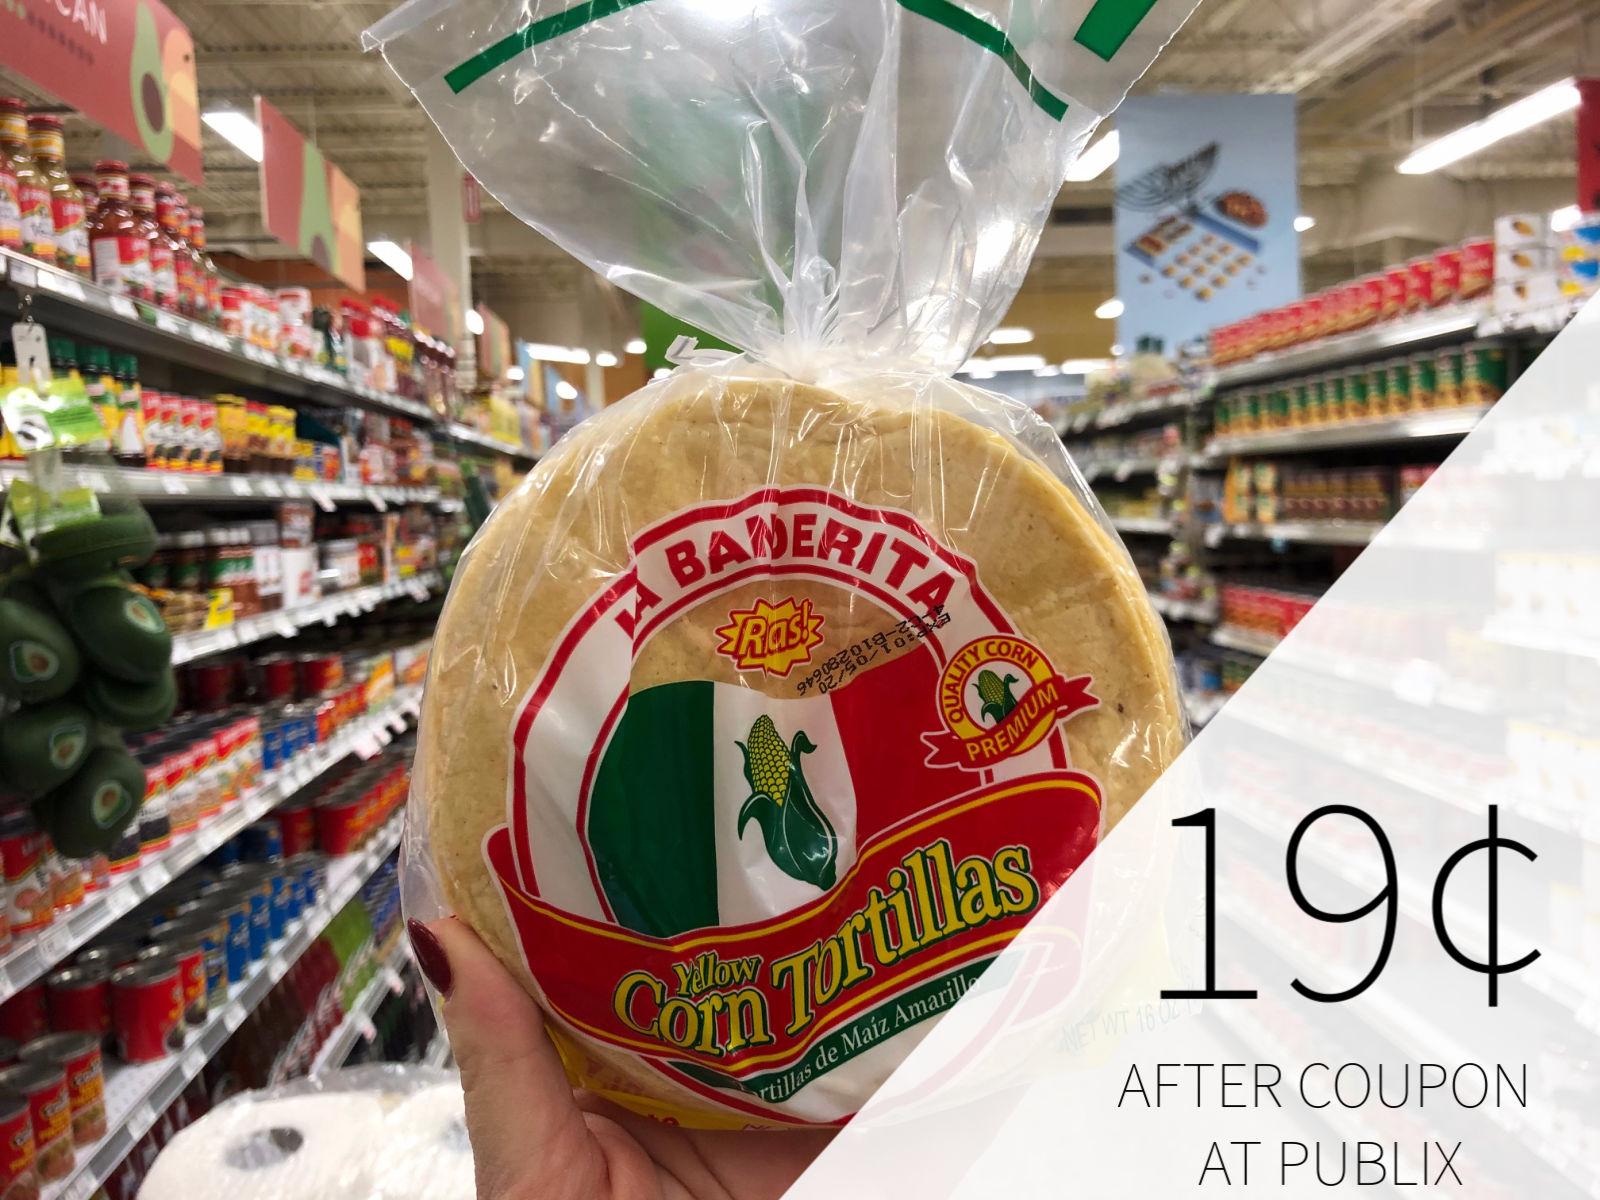 La Banderita Corn Tortillas Just 60¢ At Publix on I Heart Publix